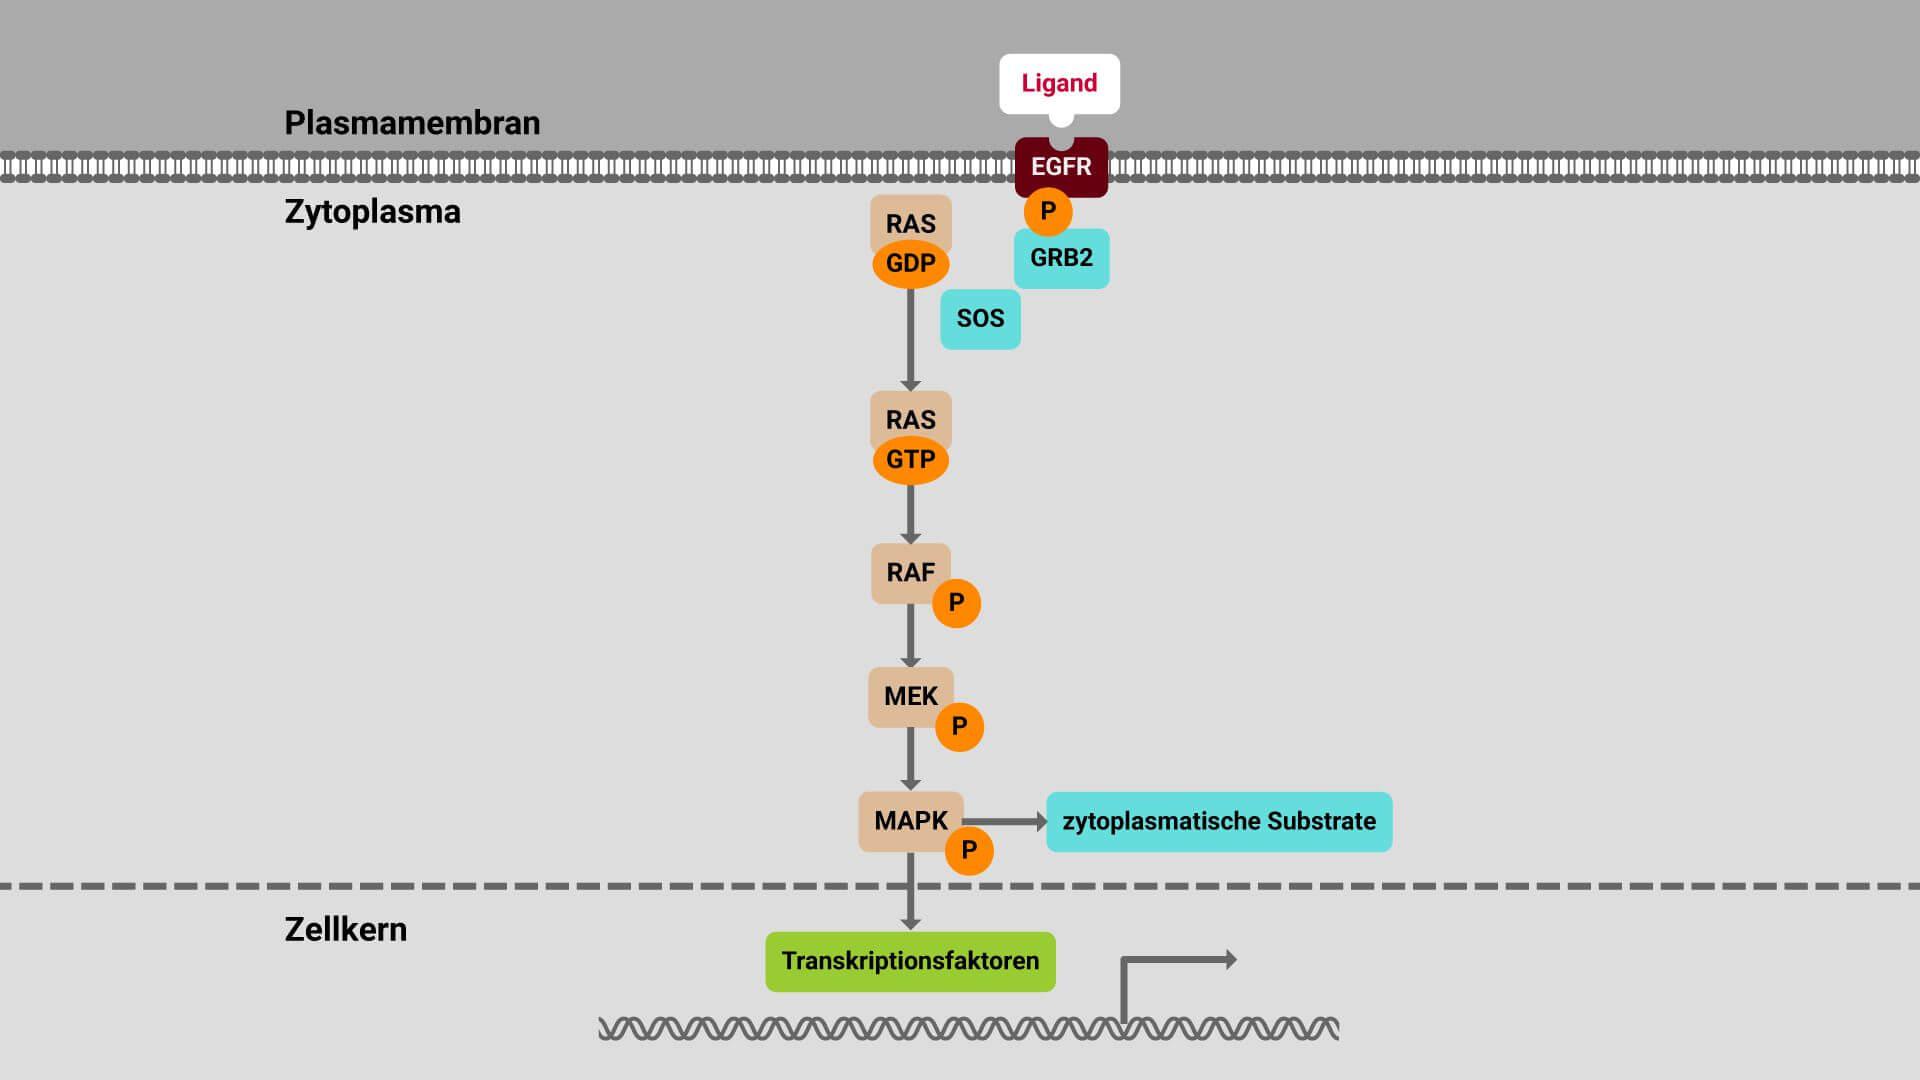 Ras/Raf/MAPK-Signalweg